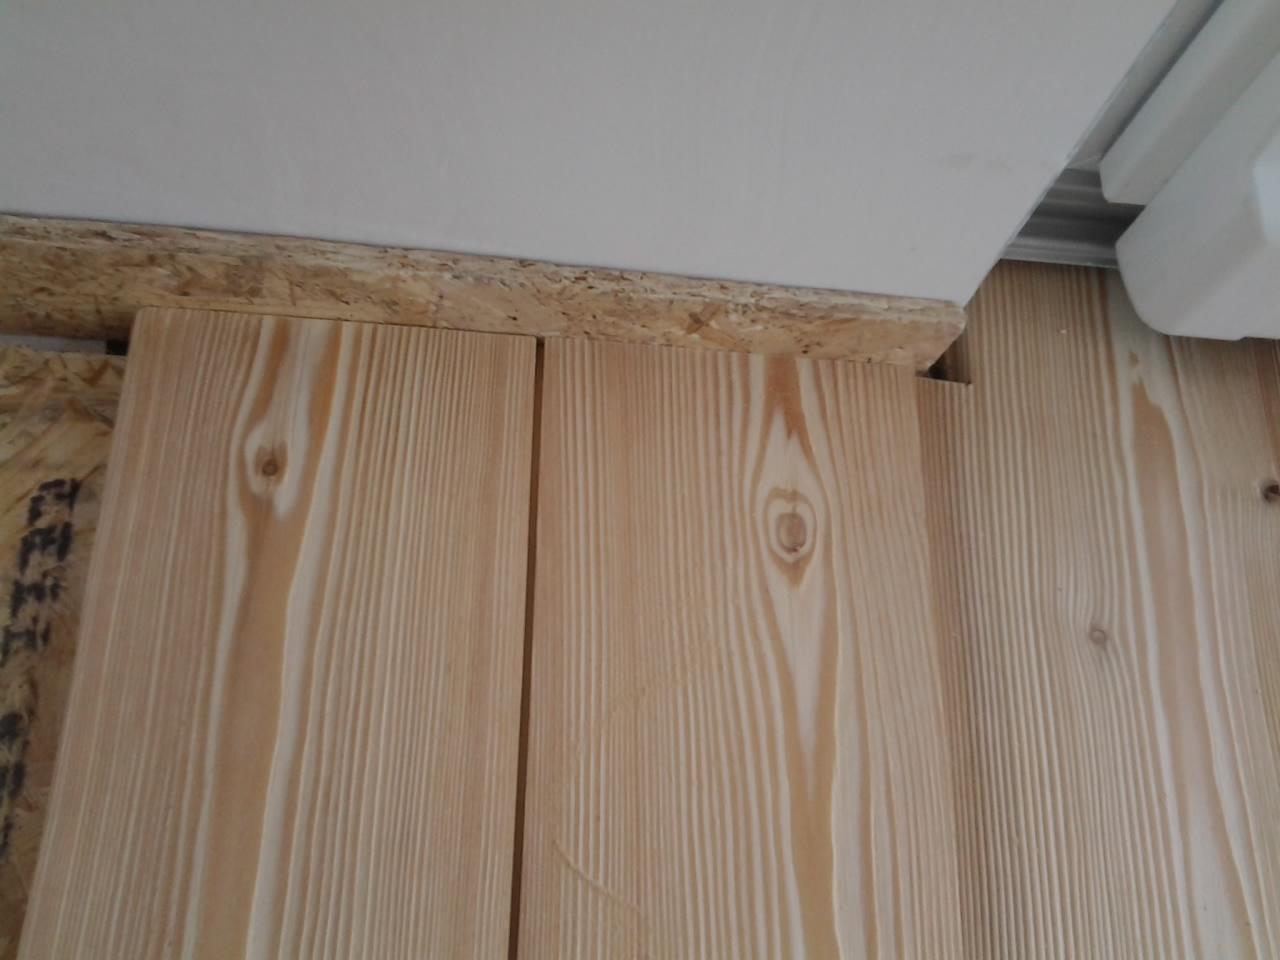 Le fasi di posa di un pavimento in larice massello - Tavole di larice piallate ...